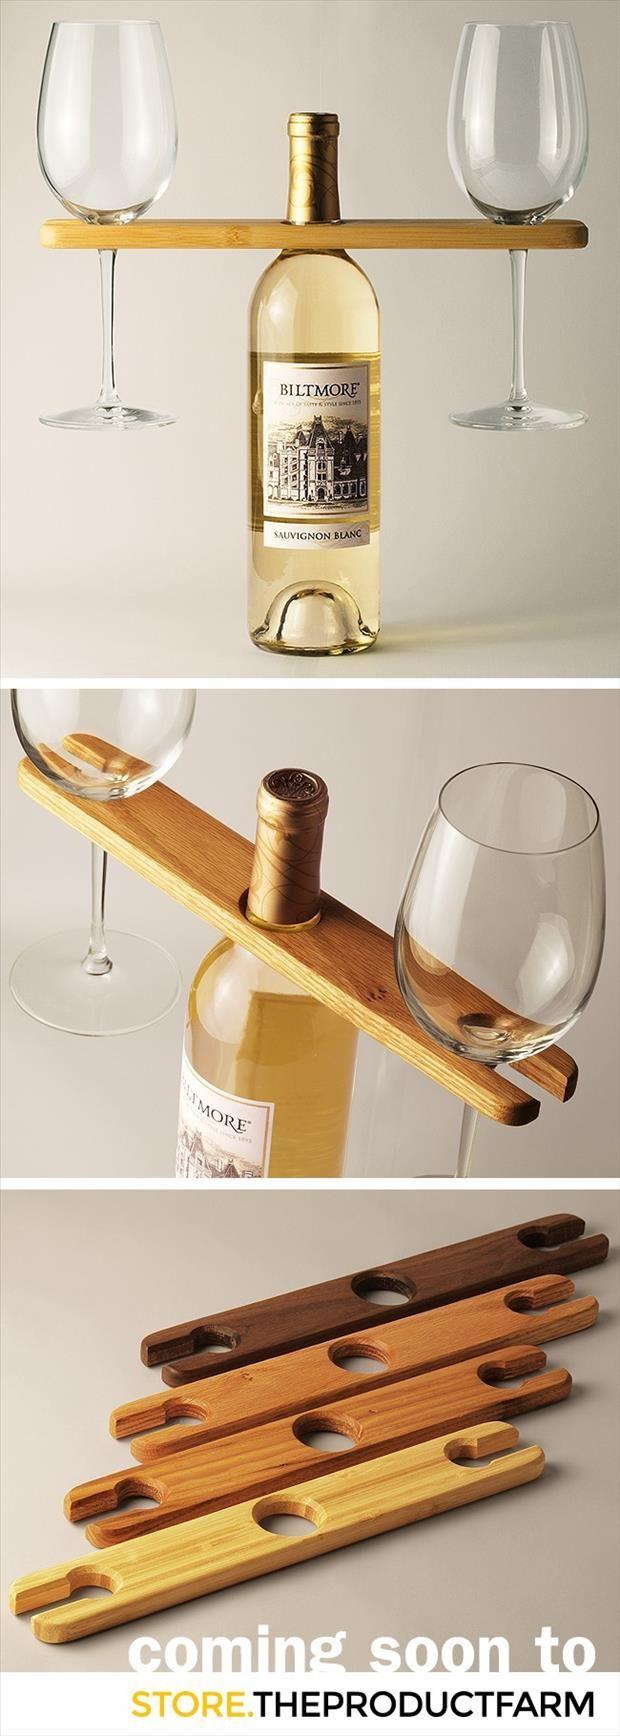 Simple ideas that are borderline genius 40 pics bar pinterest porte bouteille bouteille - Porte bouteille doseur bar ...